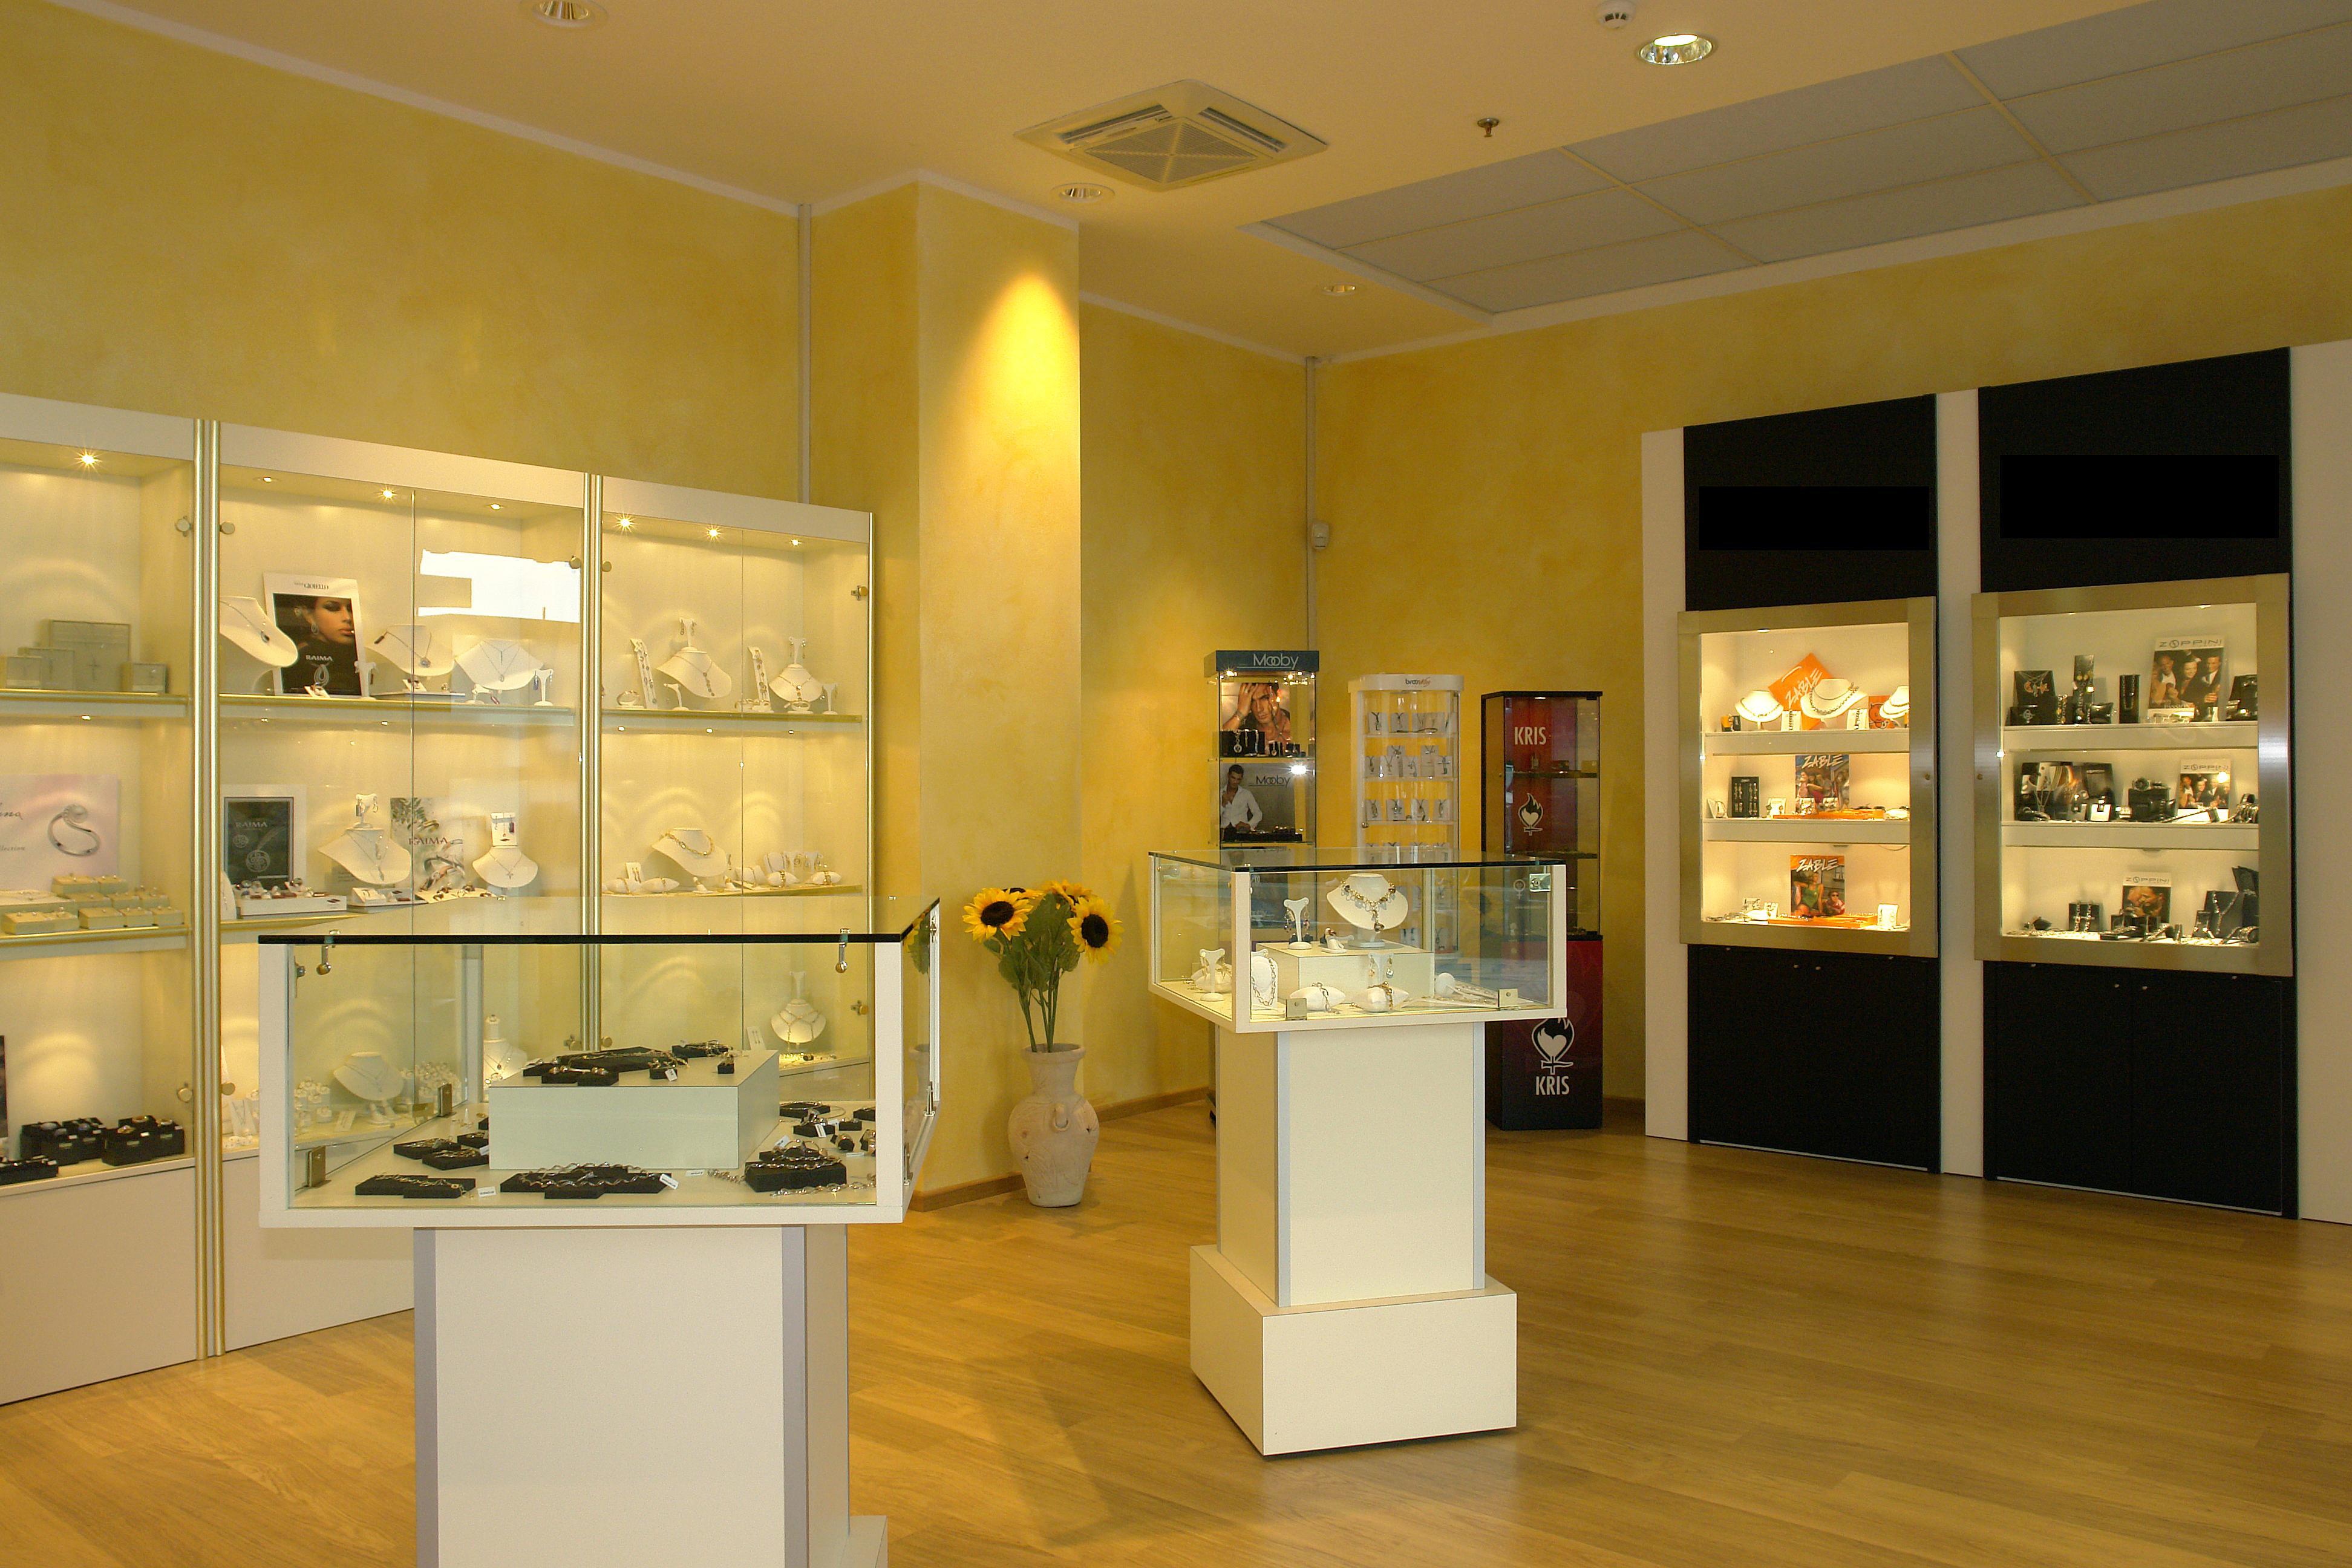 Arredamenti per gioiellerie clicca sull 39 immagine for Arredamento prezzi